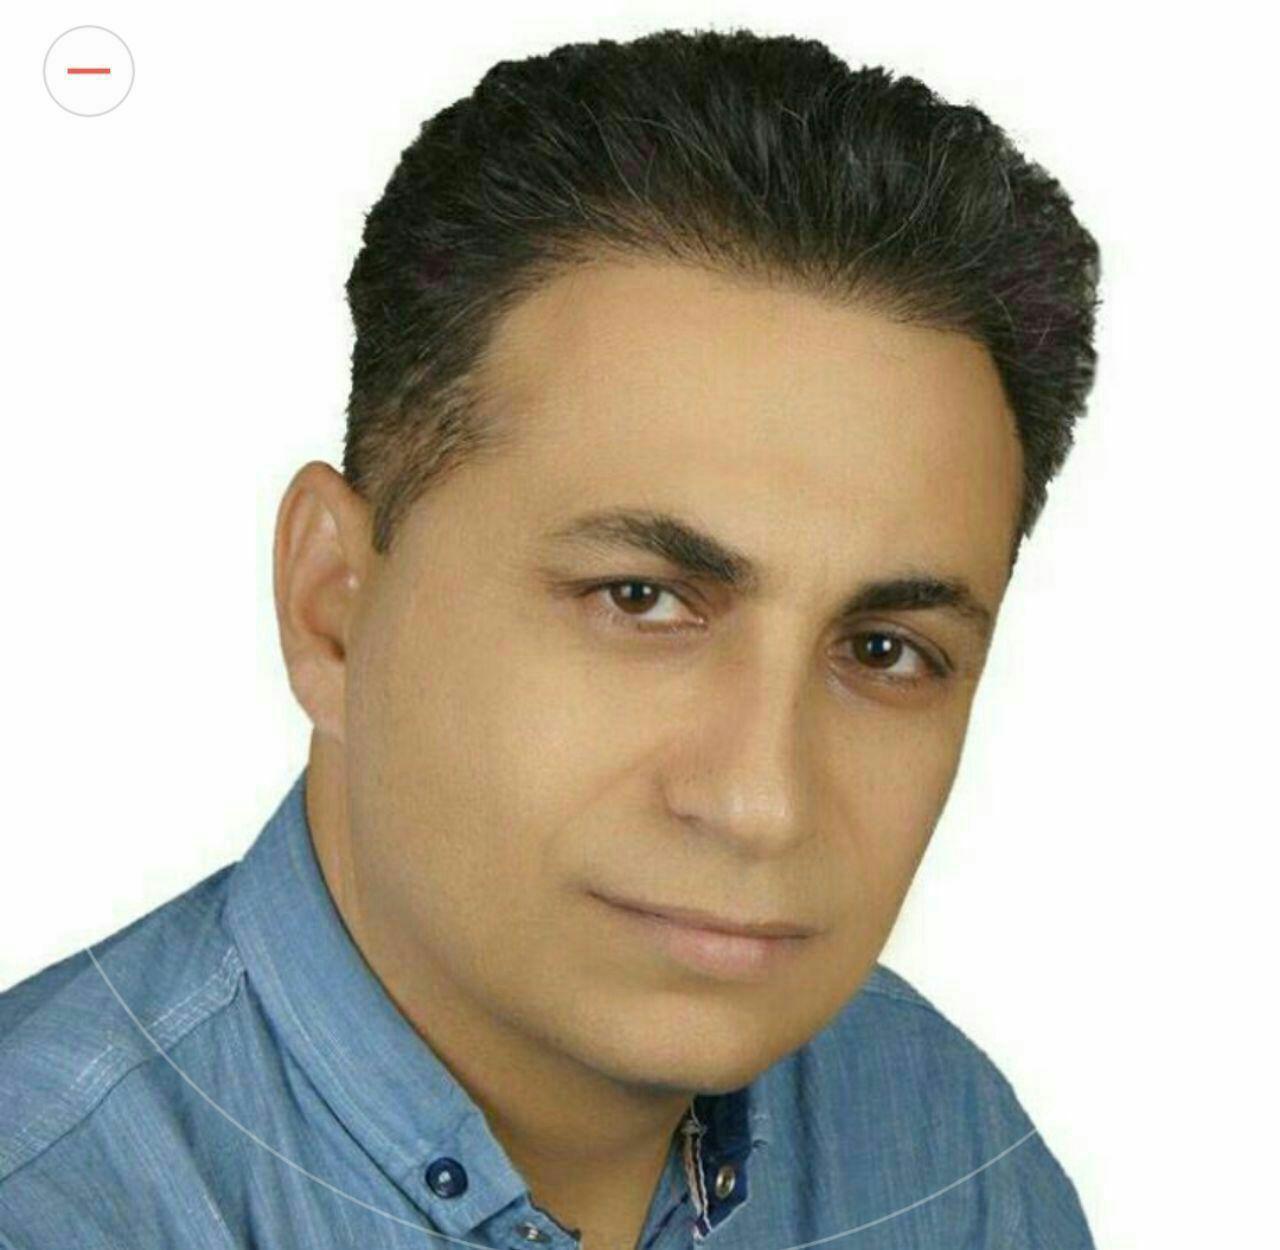 ۲۵ دسامبر؛ شبی مسیحی با اندیشهٔ ایرانی